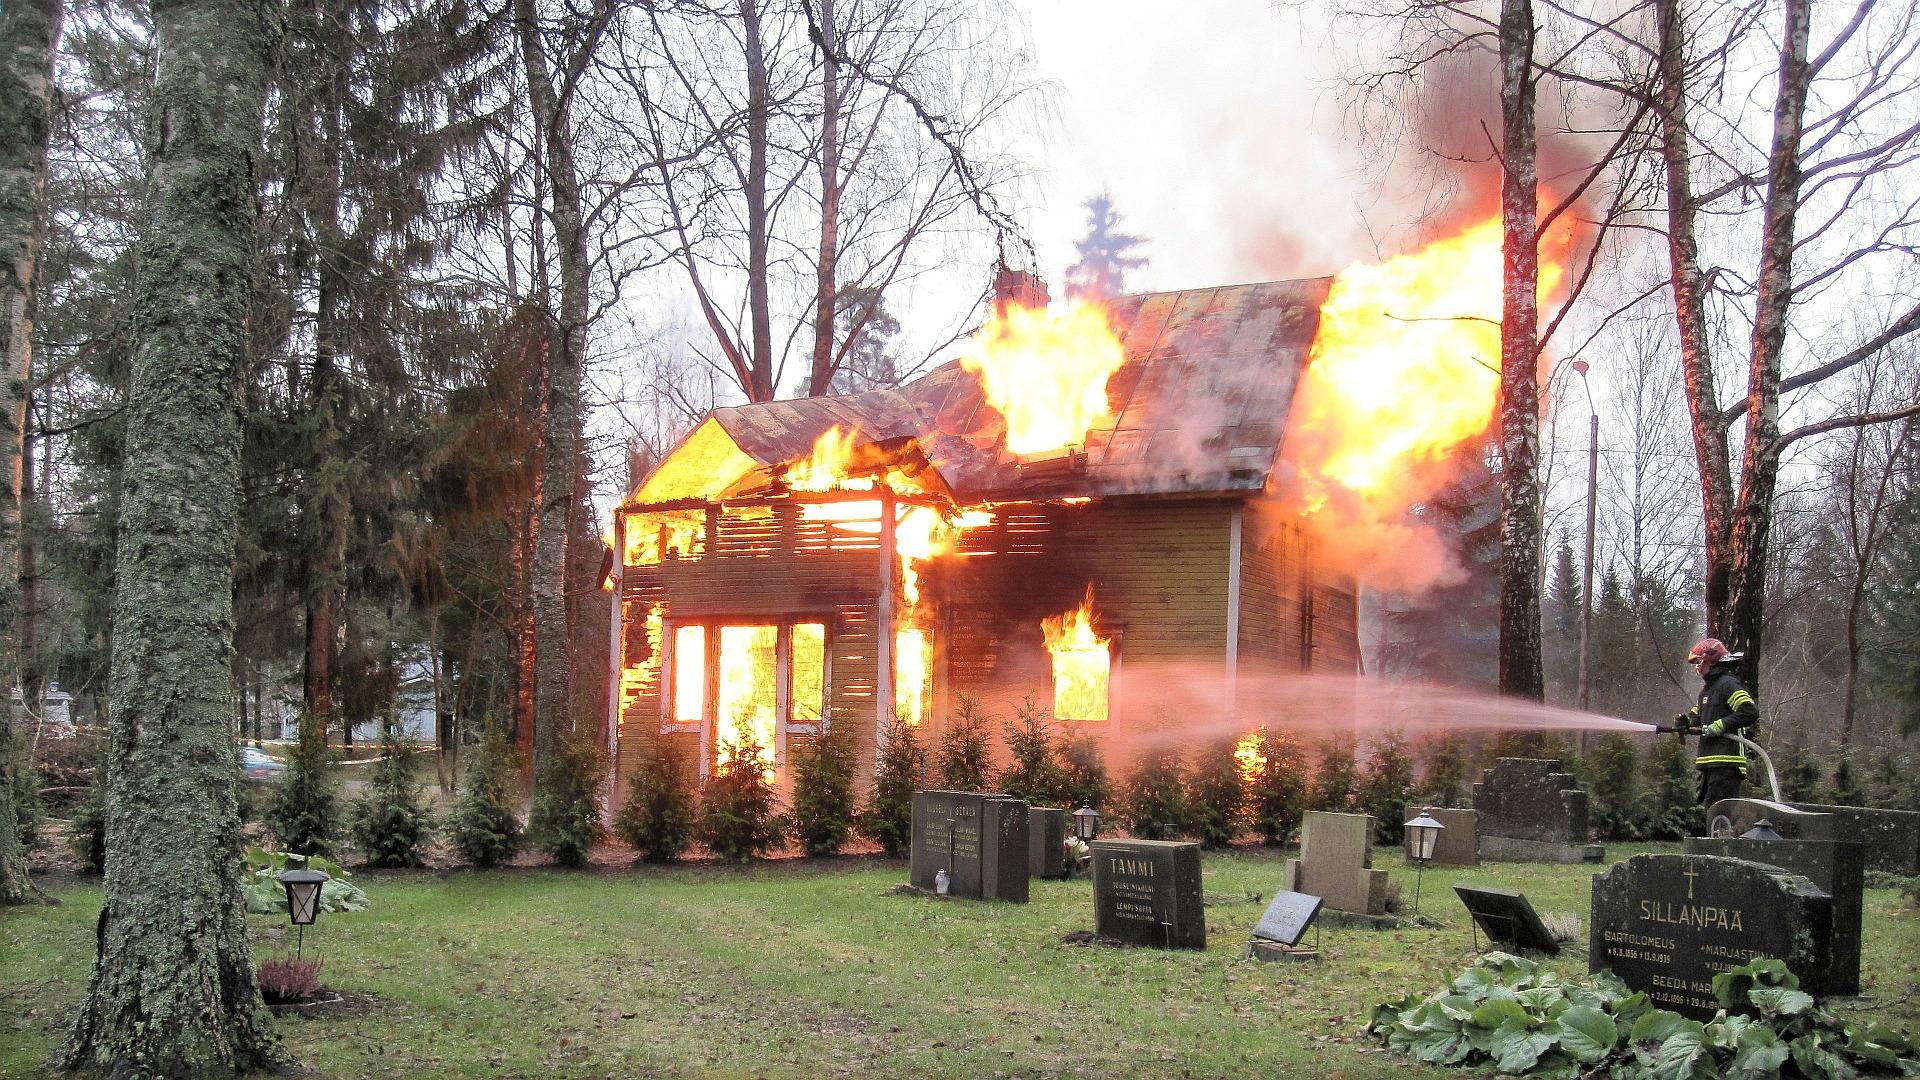 viva seguro sempre | Porque Você Deve Ter um Seguro Contra Incêndio Residencial